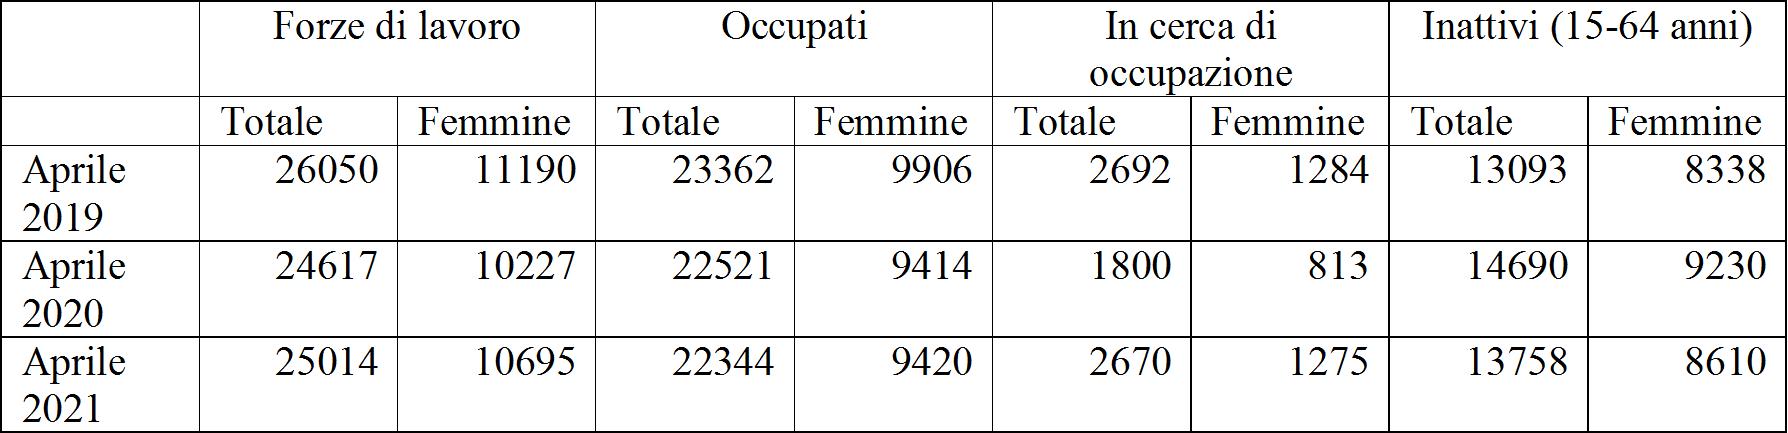 Tavola 1: Forze di lavoro, occupato, in cerca di occupazione ed inattivi (in migliaia)